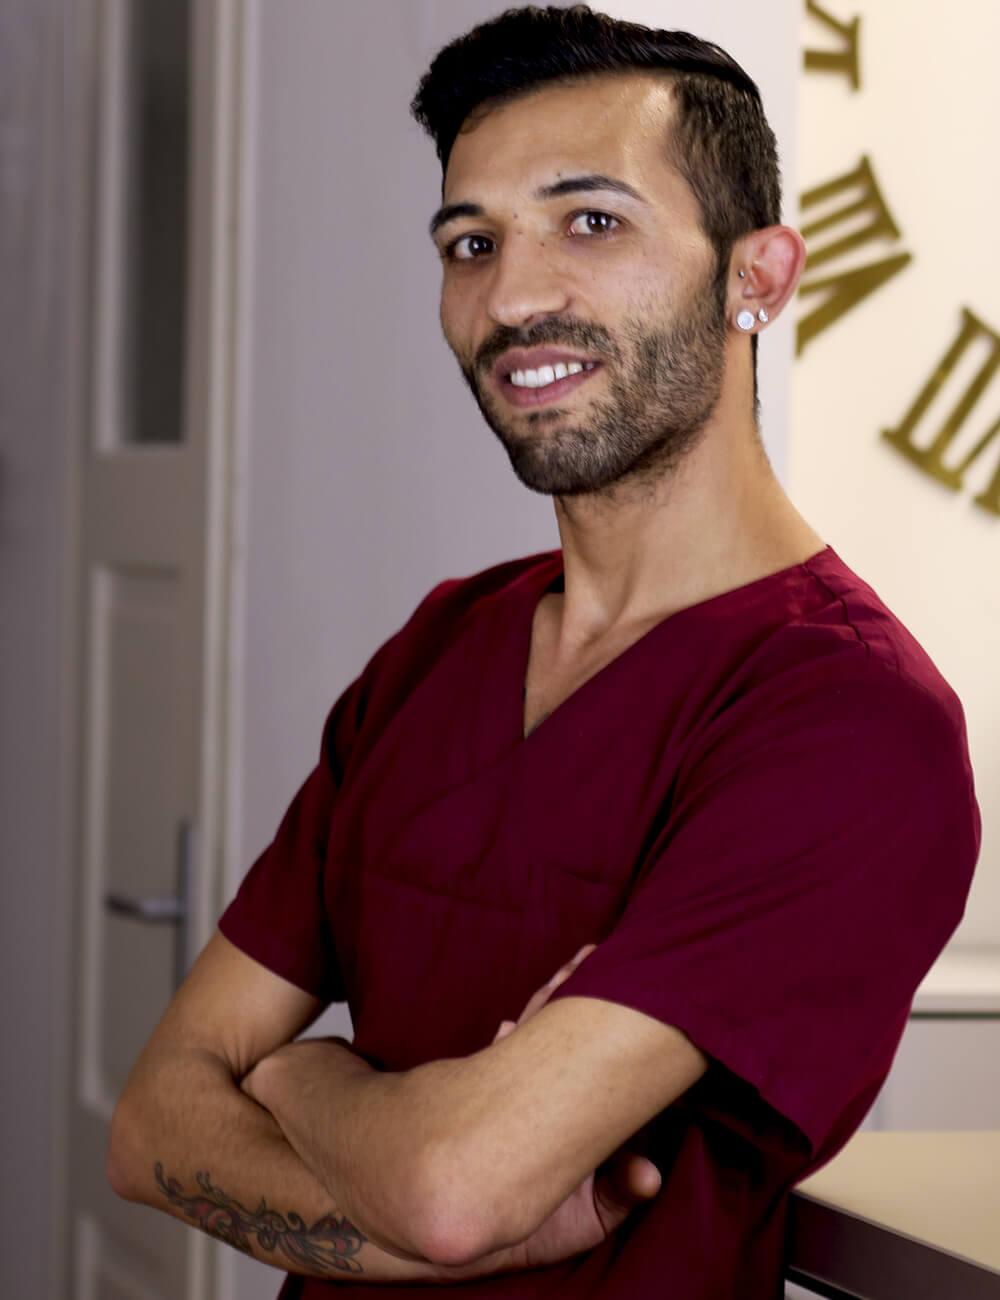 Zahnmedizinische Fachangestellter Emil